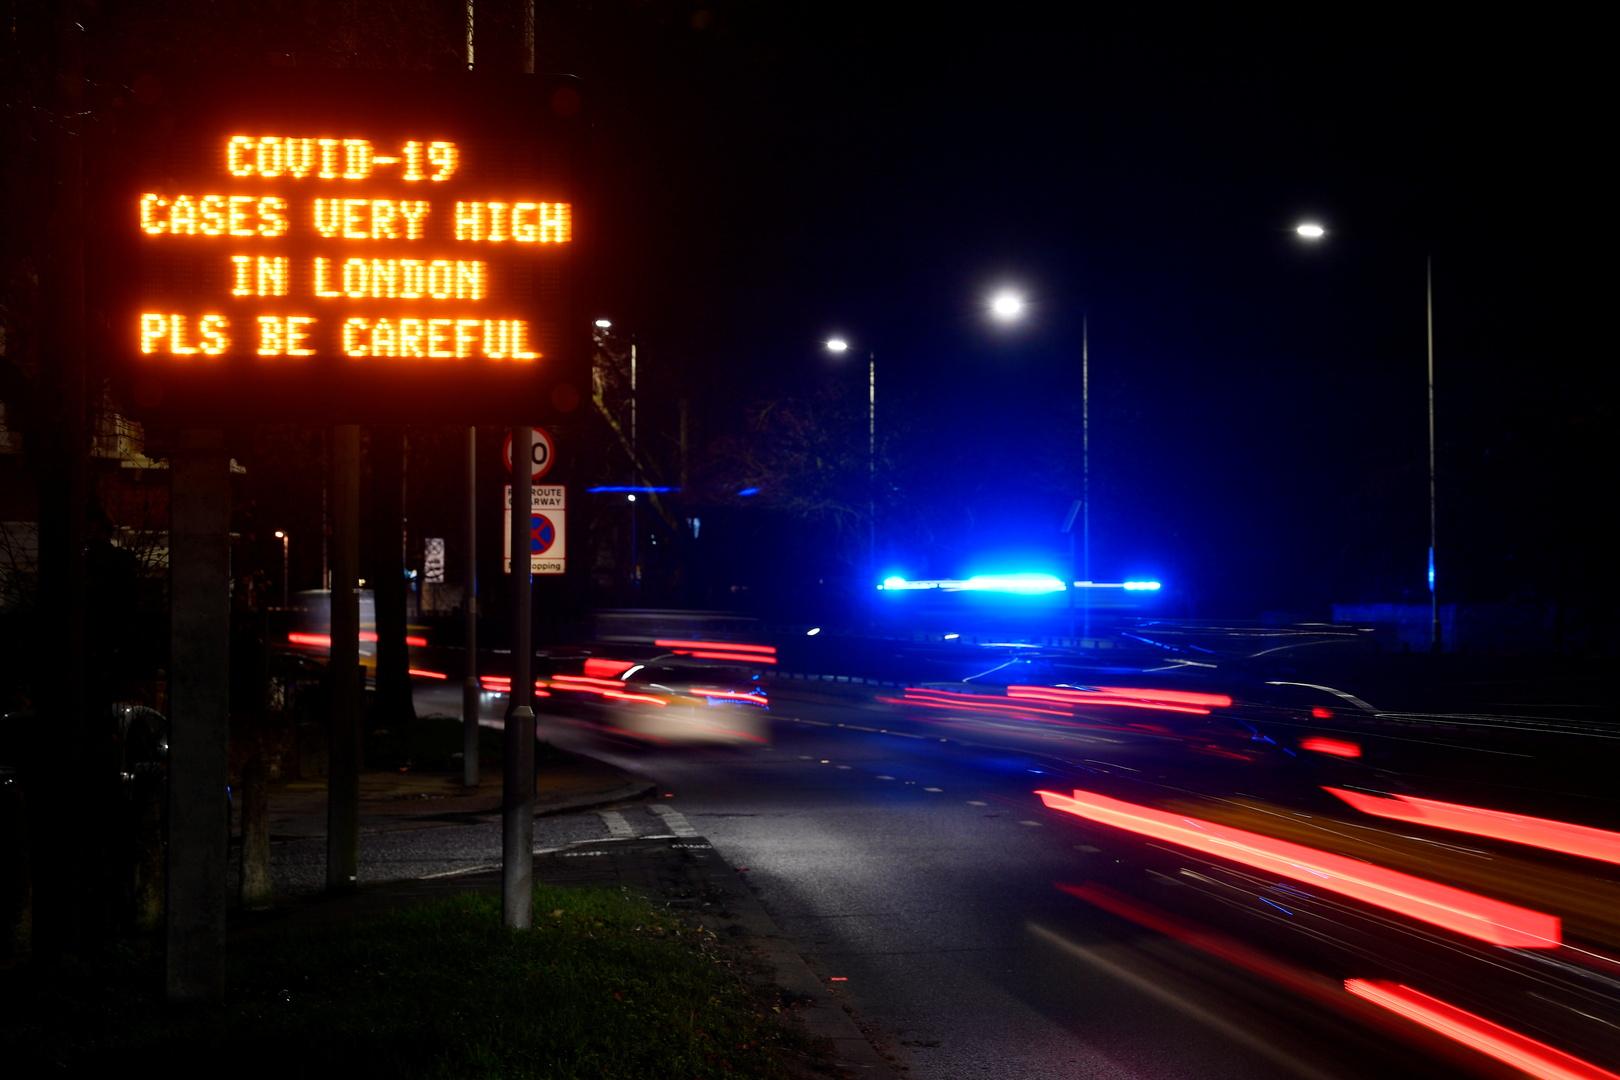 عمدة لندن يدعو لتشديد القيود بعد وفاة أكثر من 10 آلاف من سكان المدينة بكورونا